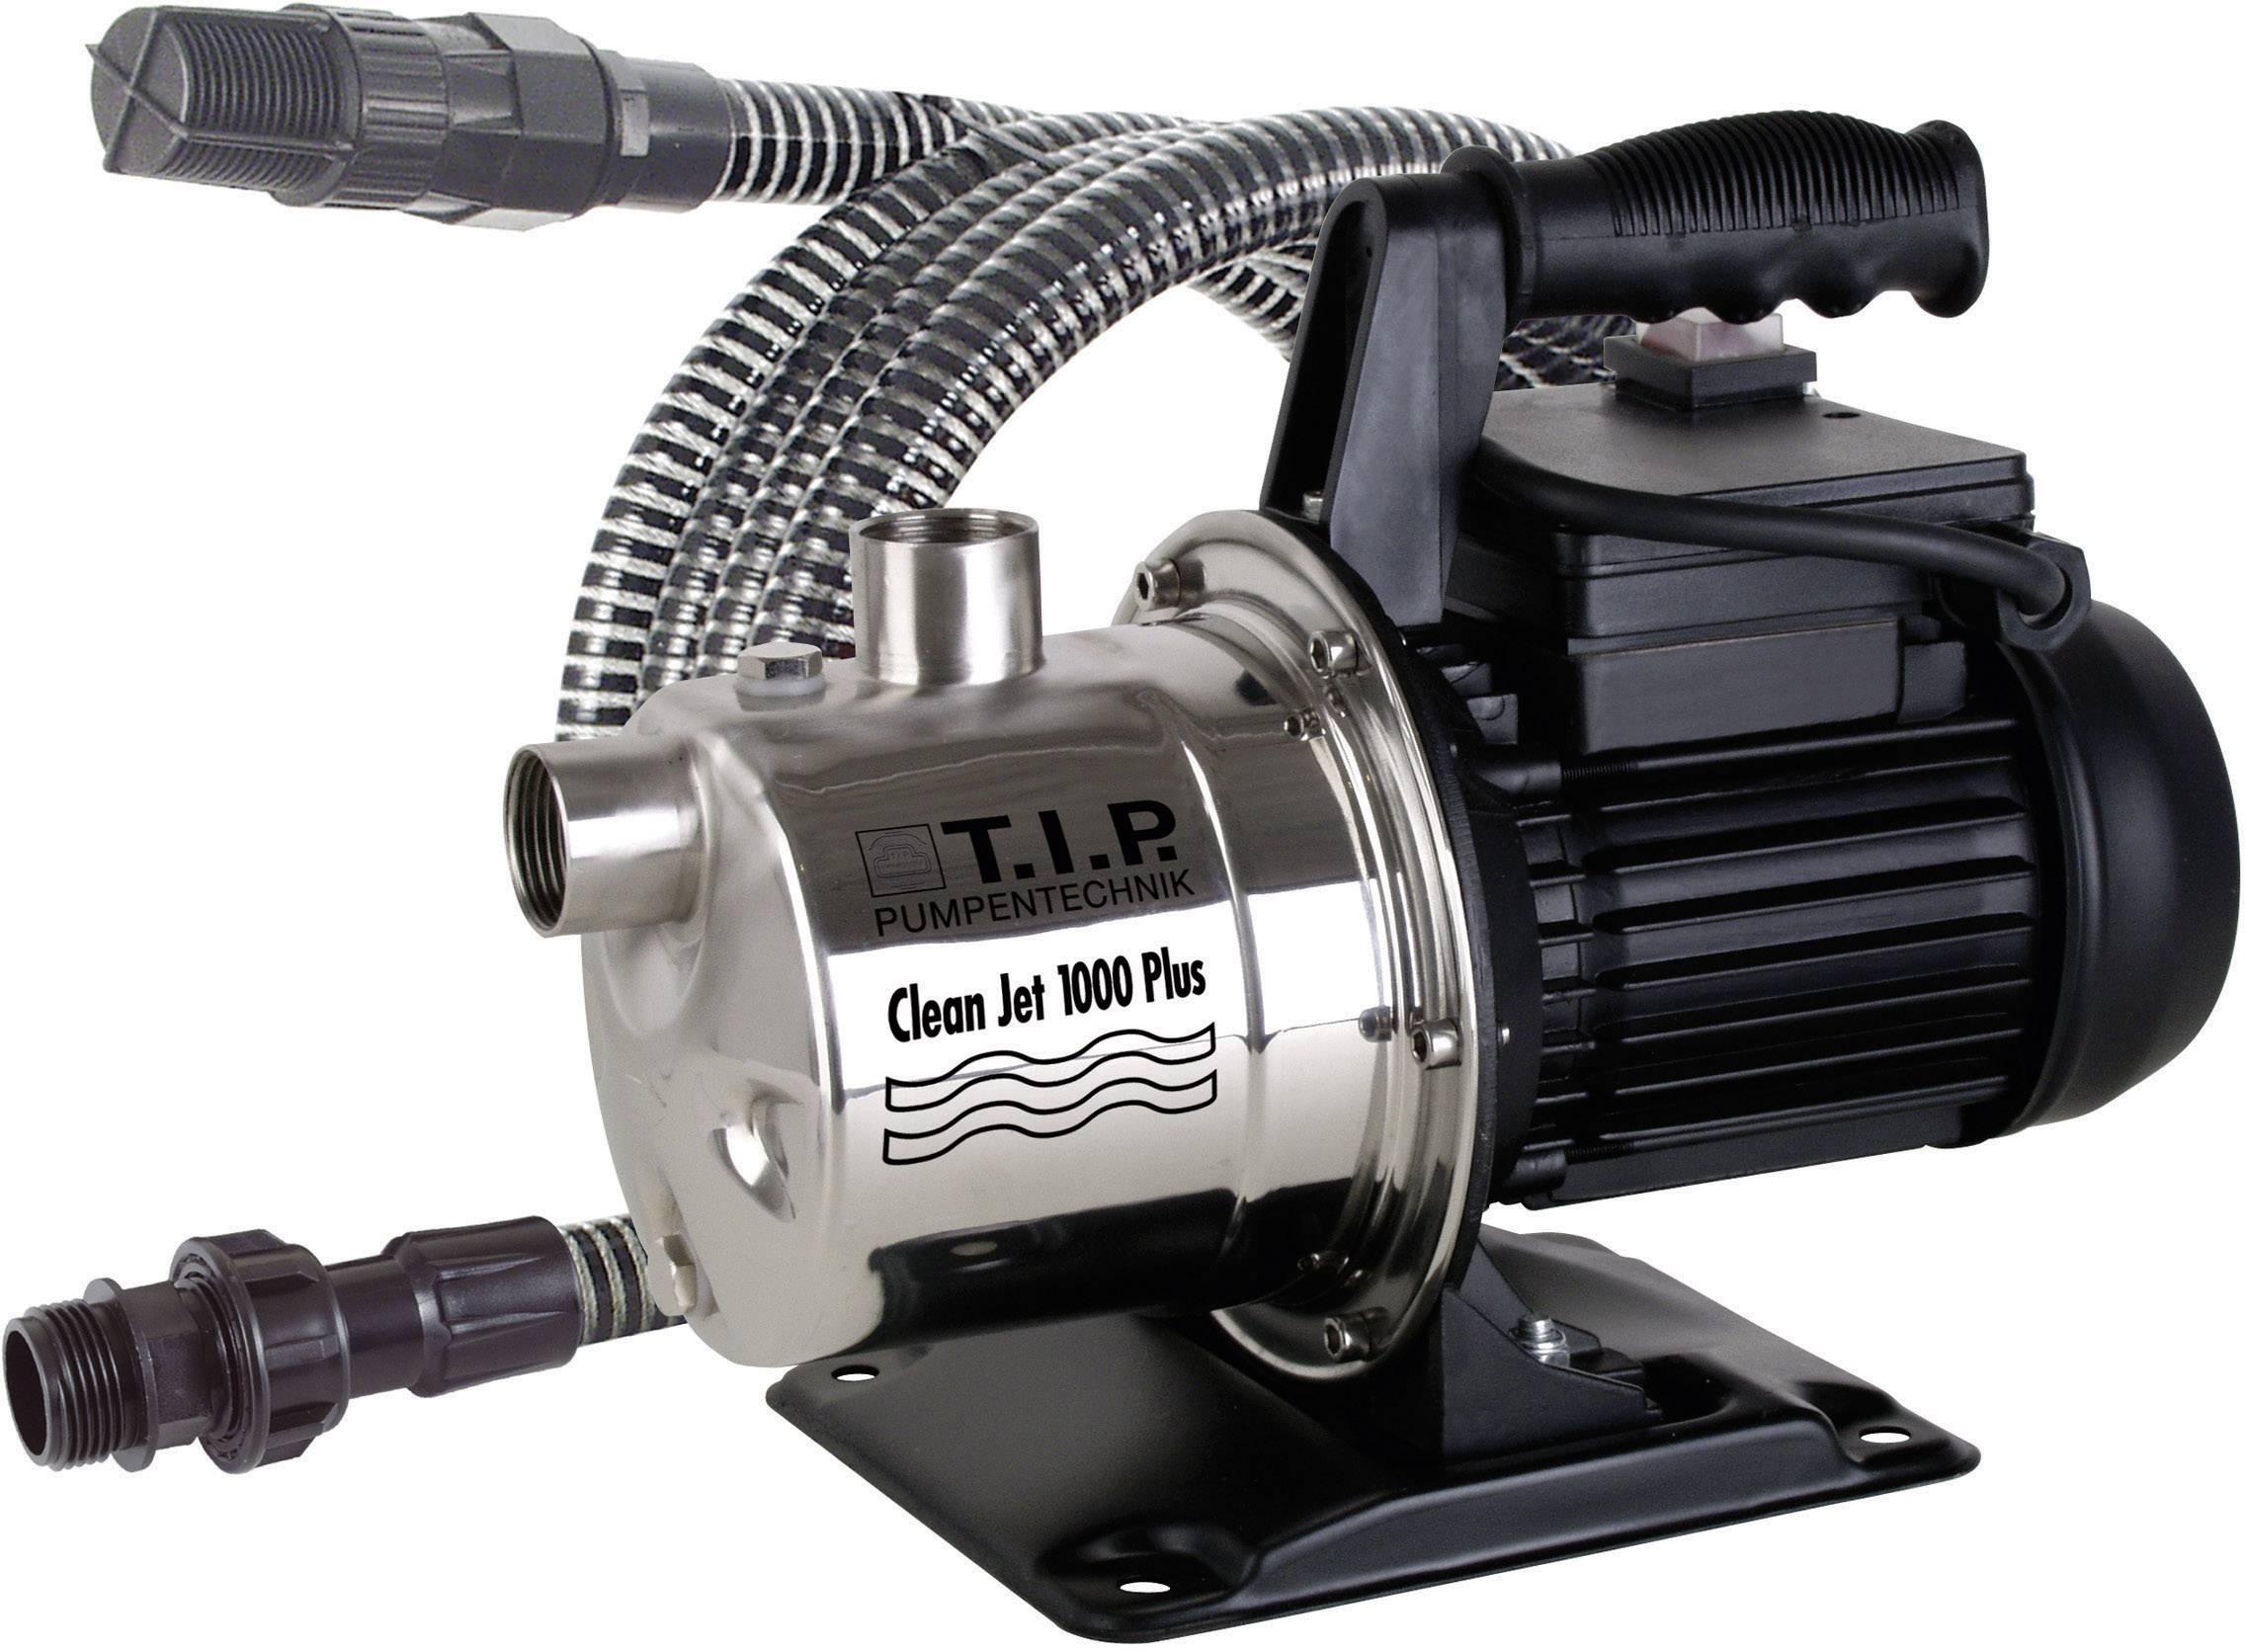 Zahradní čerpadlo T.I.P. Clean-Jet 1000 Plus 30094, 3300 l/h, 46 m, 800 W